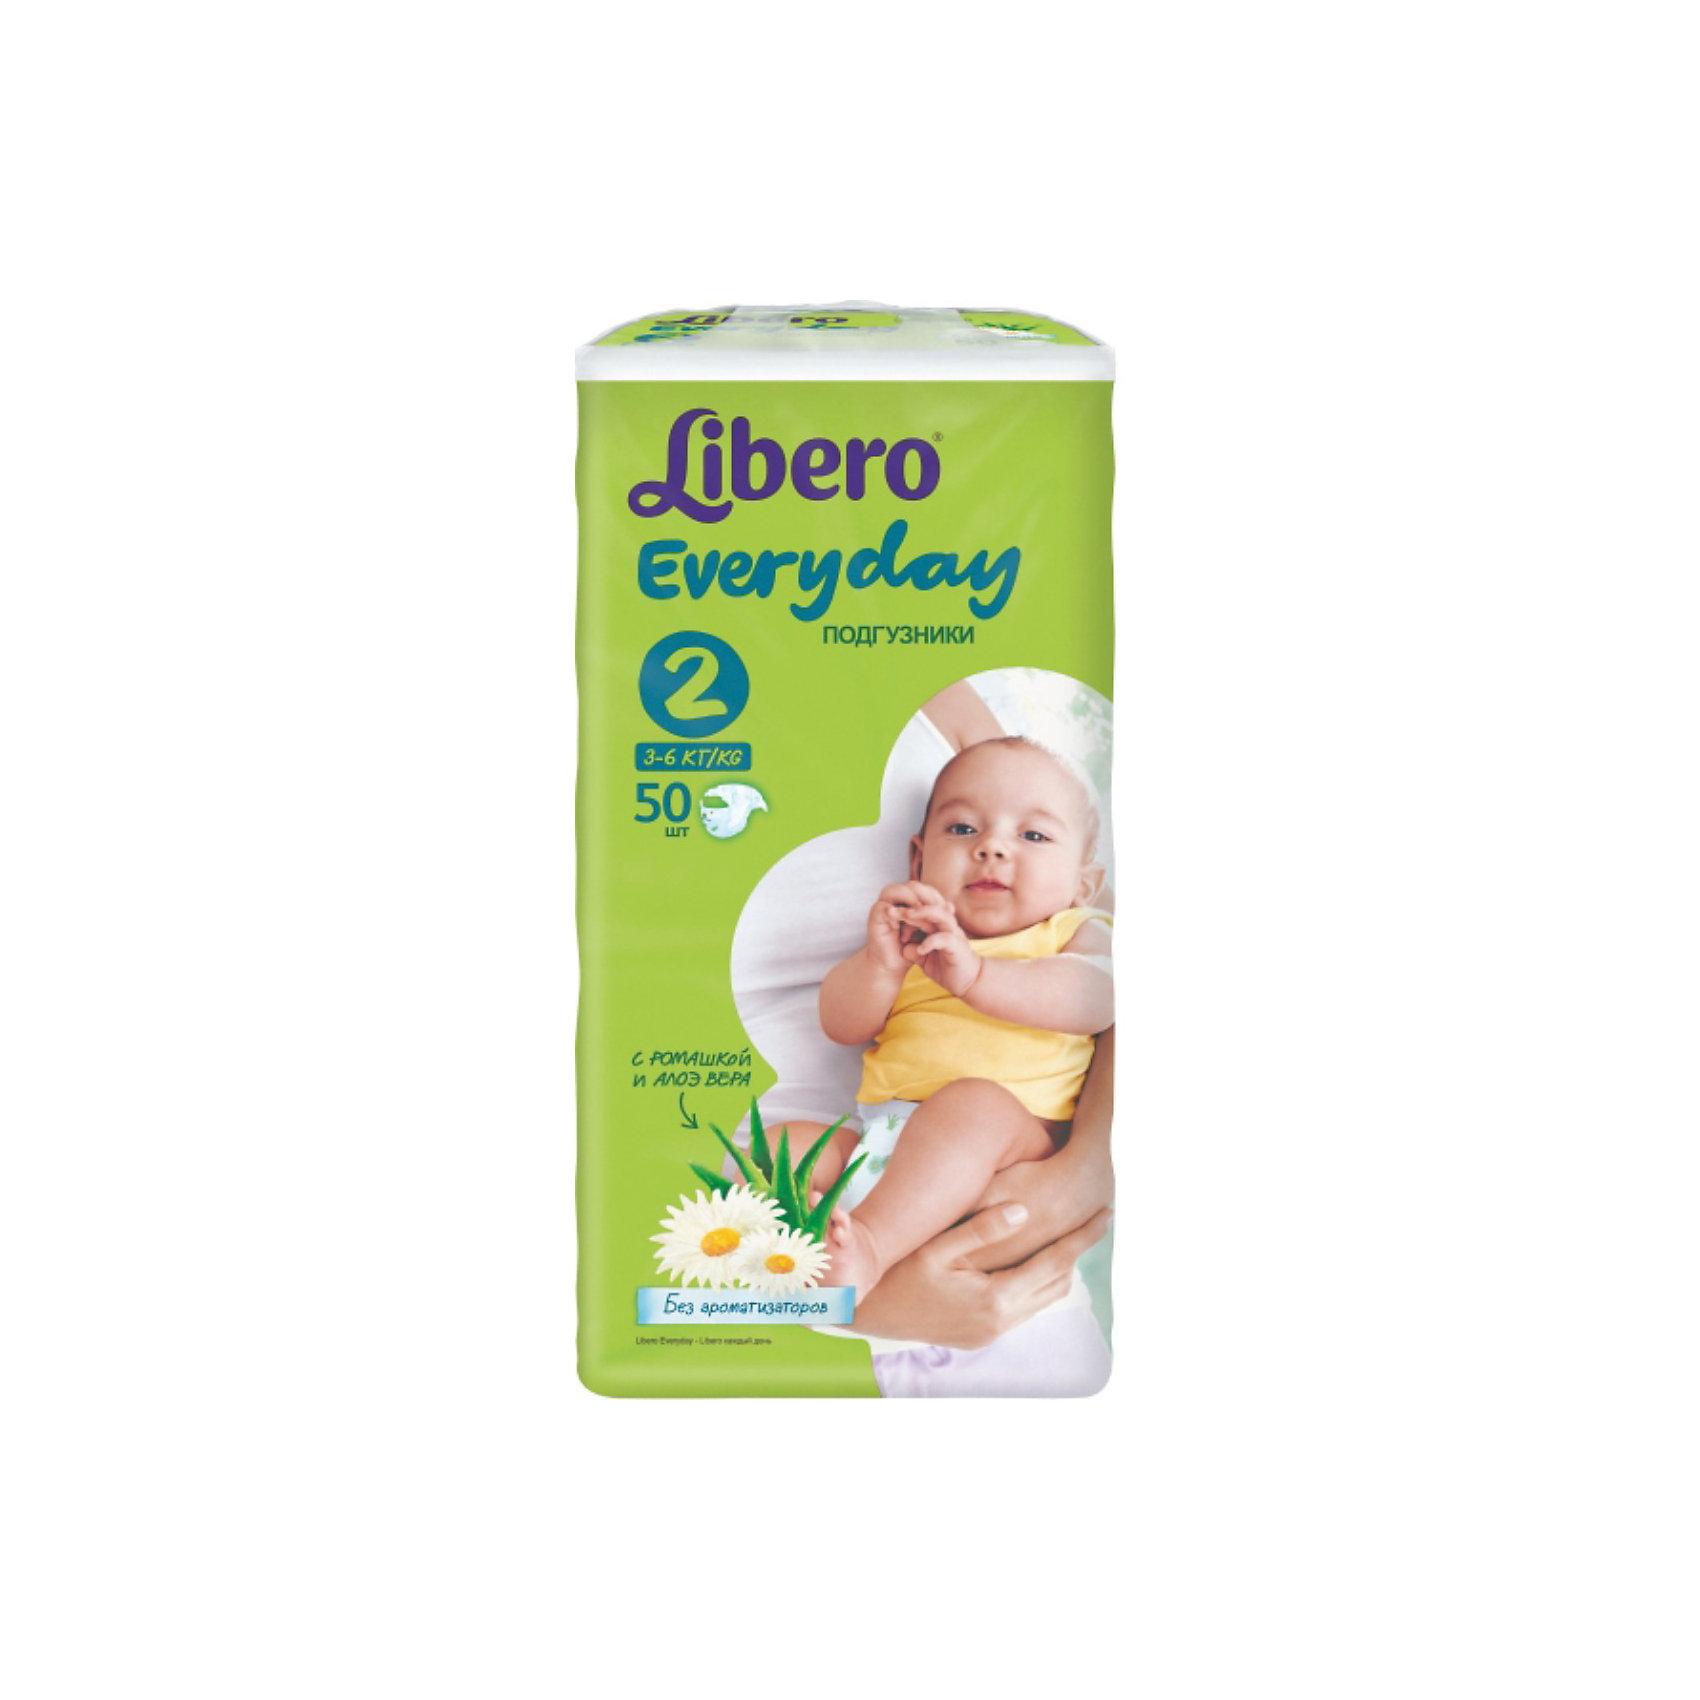 Подгузники Libero Everyday, Mini 3-6 кг (2), 50 шт., EconomПодгузники до 5 кг.<br>Подгузники Libero Everyday (Либеро Эвридэй) Size 2 (3-6кг), 50 шт.<br><br>Характеристики:<br><br>• быстро впитывают влагу и удерживают ее<br>• нетканый дышащий материал<br>• эластичная резиночка не сковывает движения ребенка<br>• мягкий барьер вокруг ног защитит от протеканий<br>• приятный рисунок<br>• многоразовые застежки<br>• размер: 2 (от 3 до 6 кг)<br>• количество в упаковке: 50 шт.<br><br>Подгузники Libero Everyday подарят сухость и комфорт вашему малышу. Подгузники плотно прилегают к телу и не сковывают движения крохи, благодаря эластичному поясу. Нетканый материал подгузника имеет отверстия для циркуляции воздуха, позволяющие коже дышать, что особенно важно для новорожденных. Внутренний слой быстро впитывает влагу, равномерно распределяет и удерживает ее внутри. <br>Ромашка и алоэ бережно позаботятся о коже малыша и не допустят воспаления и раздражения. Подарите крохе комфорт с подгузниками Libero Everyday!<br><br>Подгузники Libero Everyday (Либеро Эвридэй) Size 2 (3-6кг), 50 шт вы можете купить в нашем интернет-магазине.<br><br>Ширина мм: 115<br>Глубина мм: 195<br>Высота мм: 370<br>Вес г: 1078<br>Возраст от месяцев: 0<br>Возраст до месяцев: 3<br>Пол: Унисекс<br>Возраст: Детский<br>SKU: 3517601